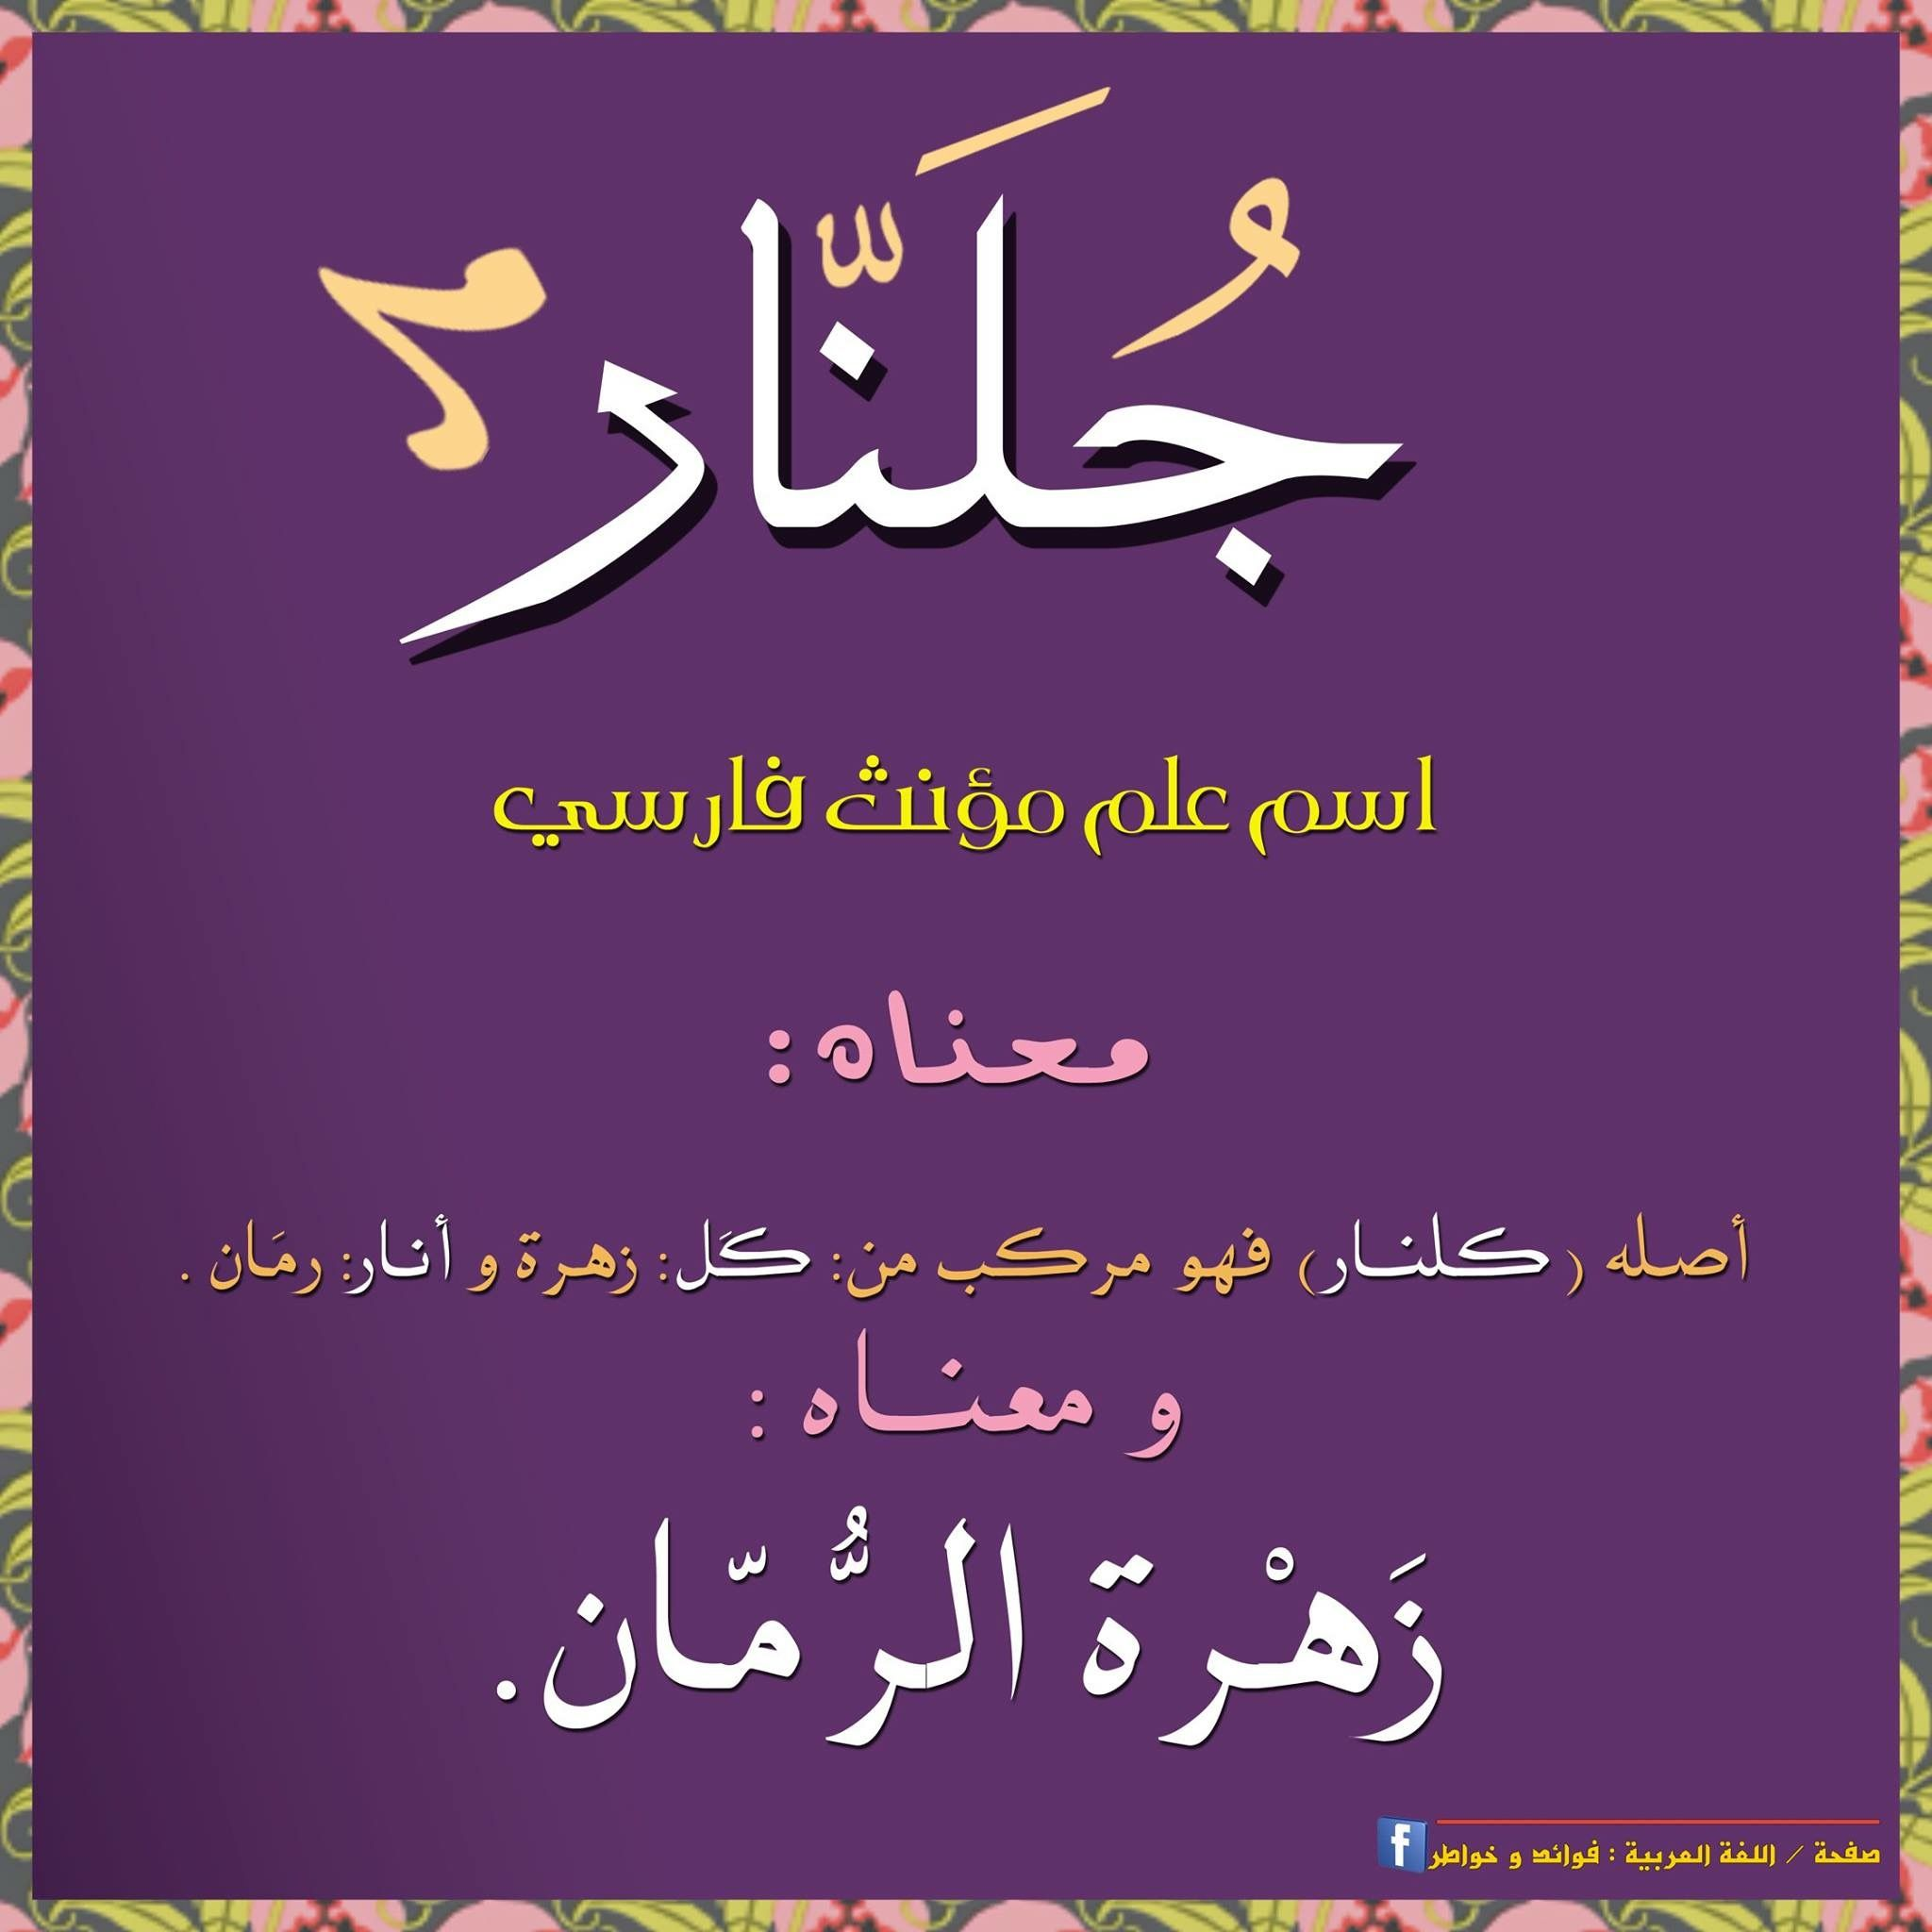 اسم علم مؤنث اصله فارسي ومعناه زهر الرمان